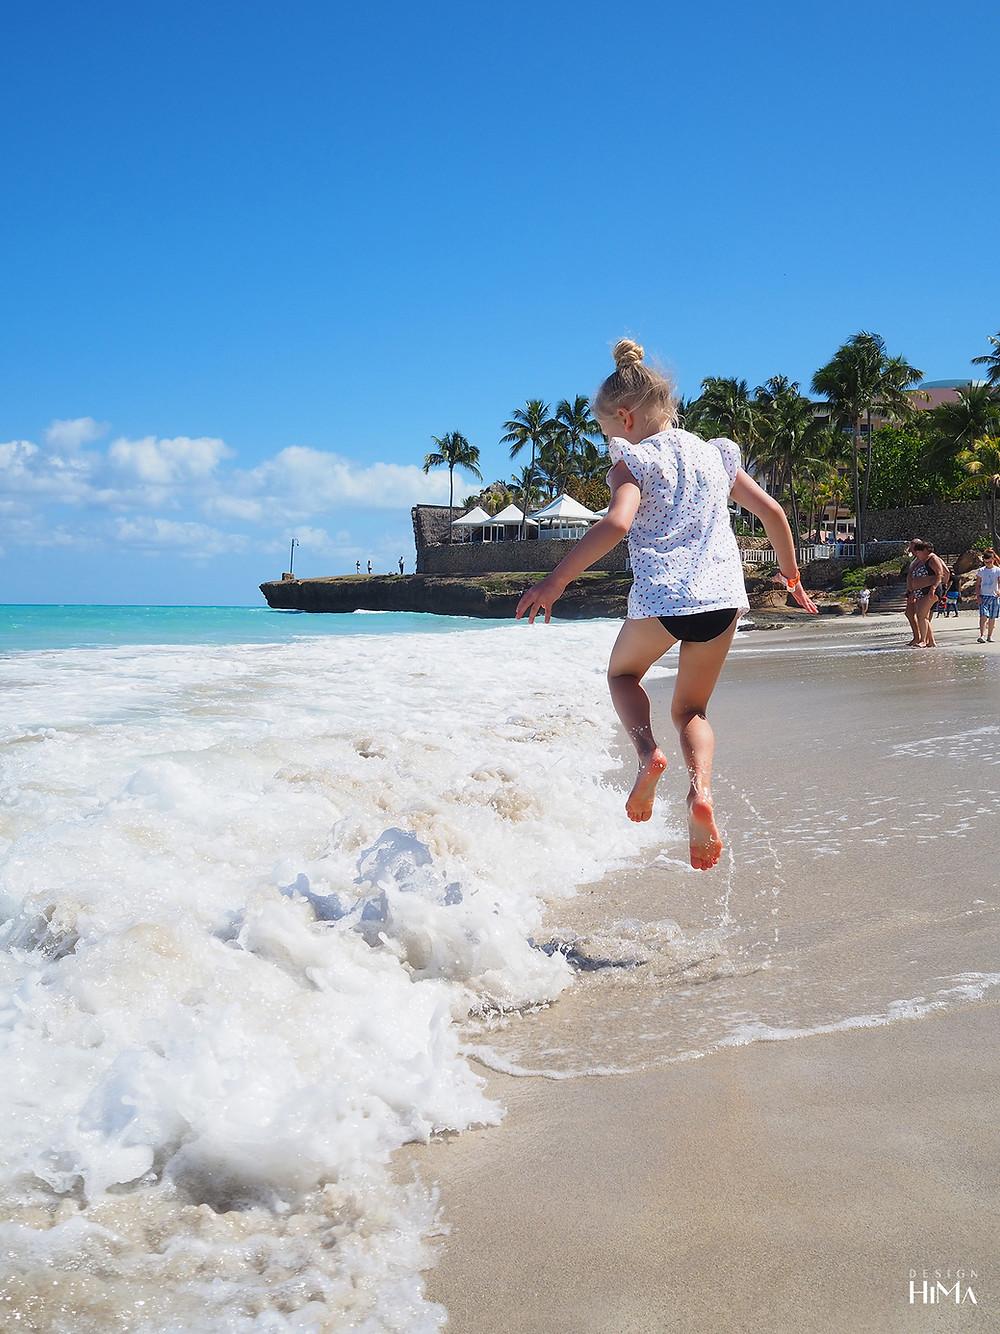 Kuuba Varadero hyppy rannalla